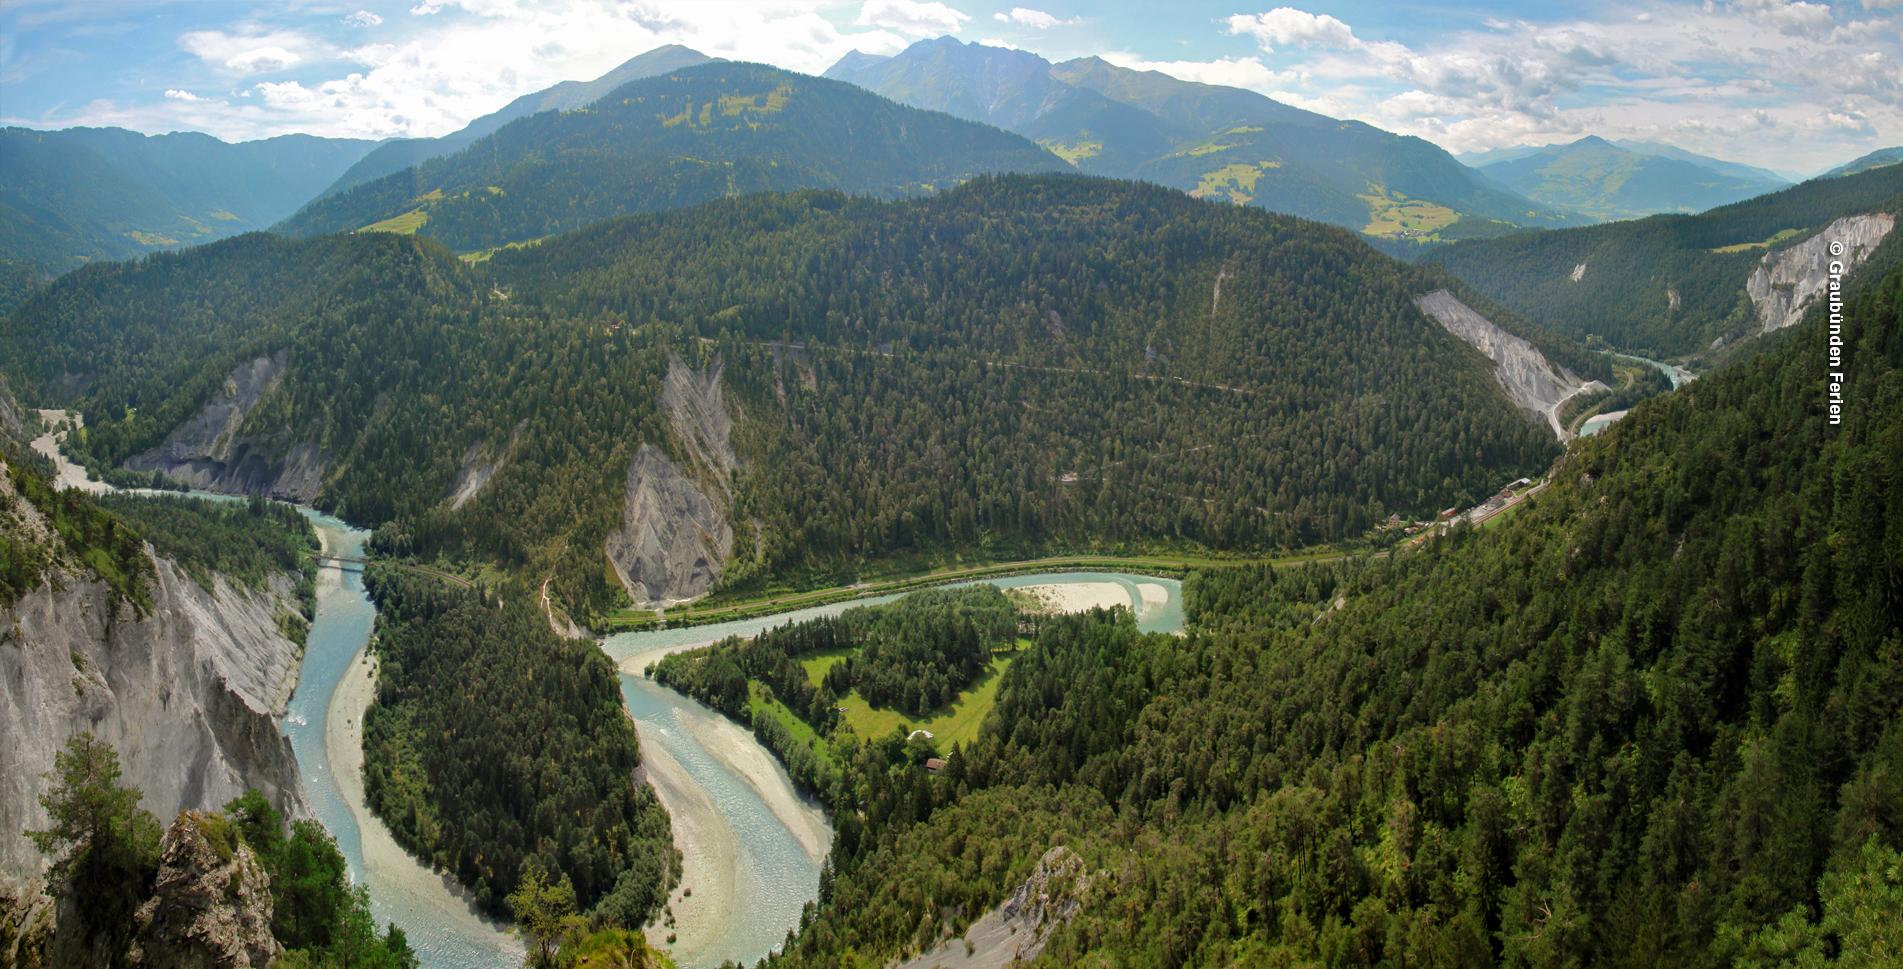 Wanderung von Flims Waldhaus via Caumasee (Lag la Cauma), Conn, Aussichtsplattform Il Spir mit Blick in die Rheinschlucht (Ruinaulta), Crestasee (Lag la Cresta) nach Trin Mulin